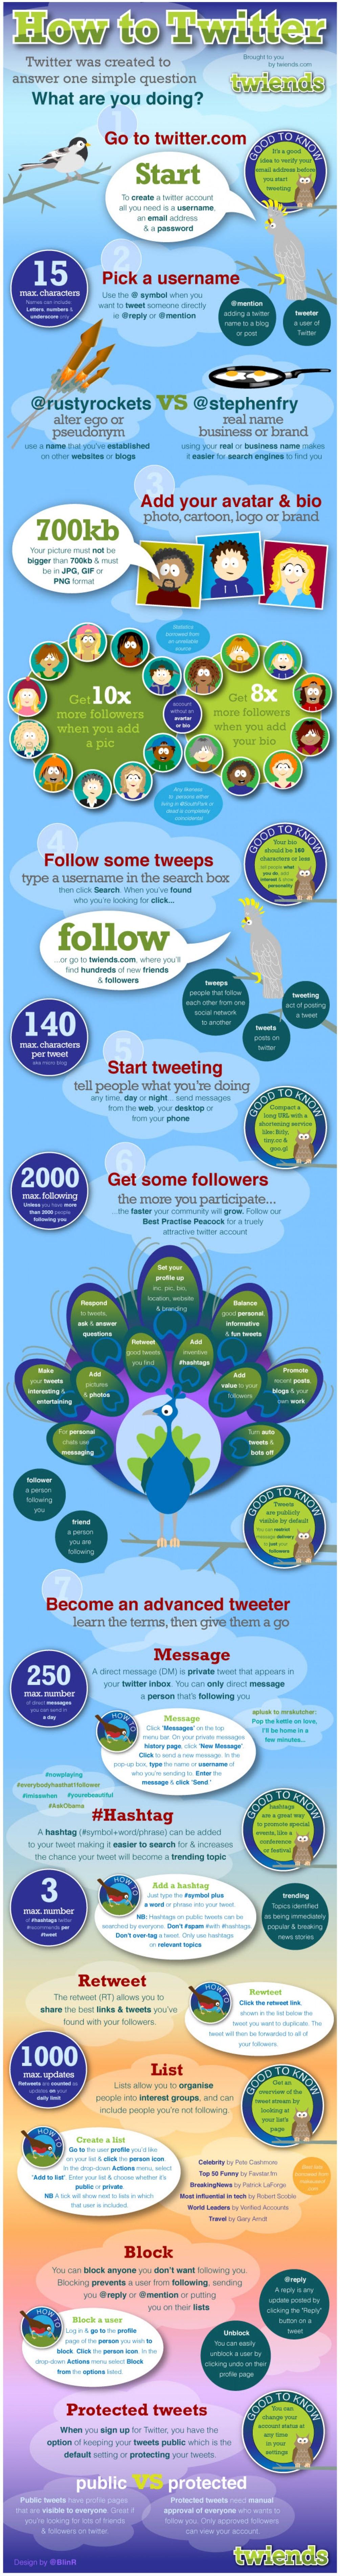 15. How to Tweet